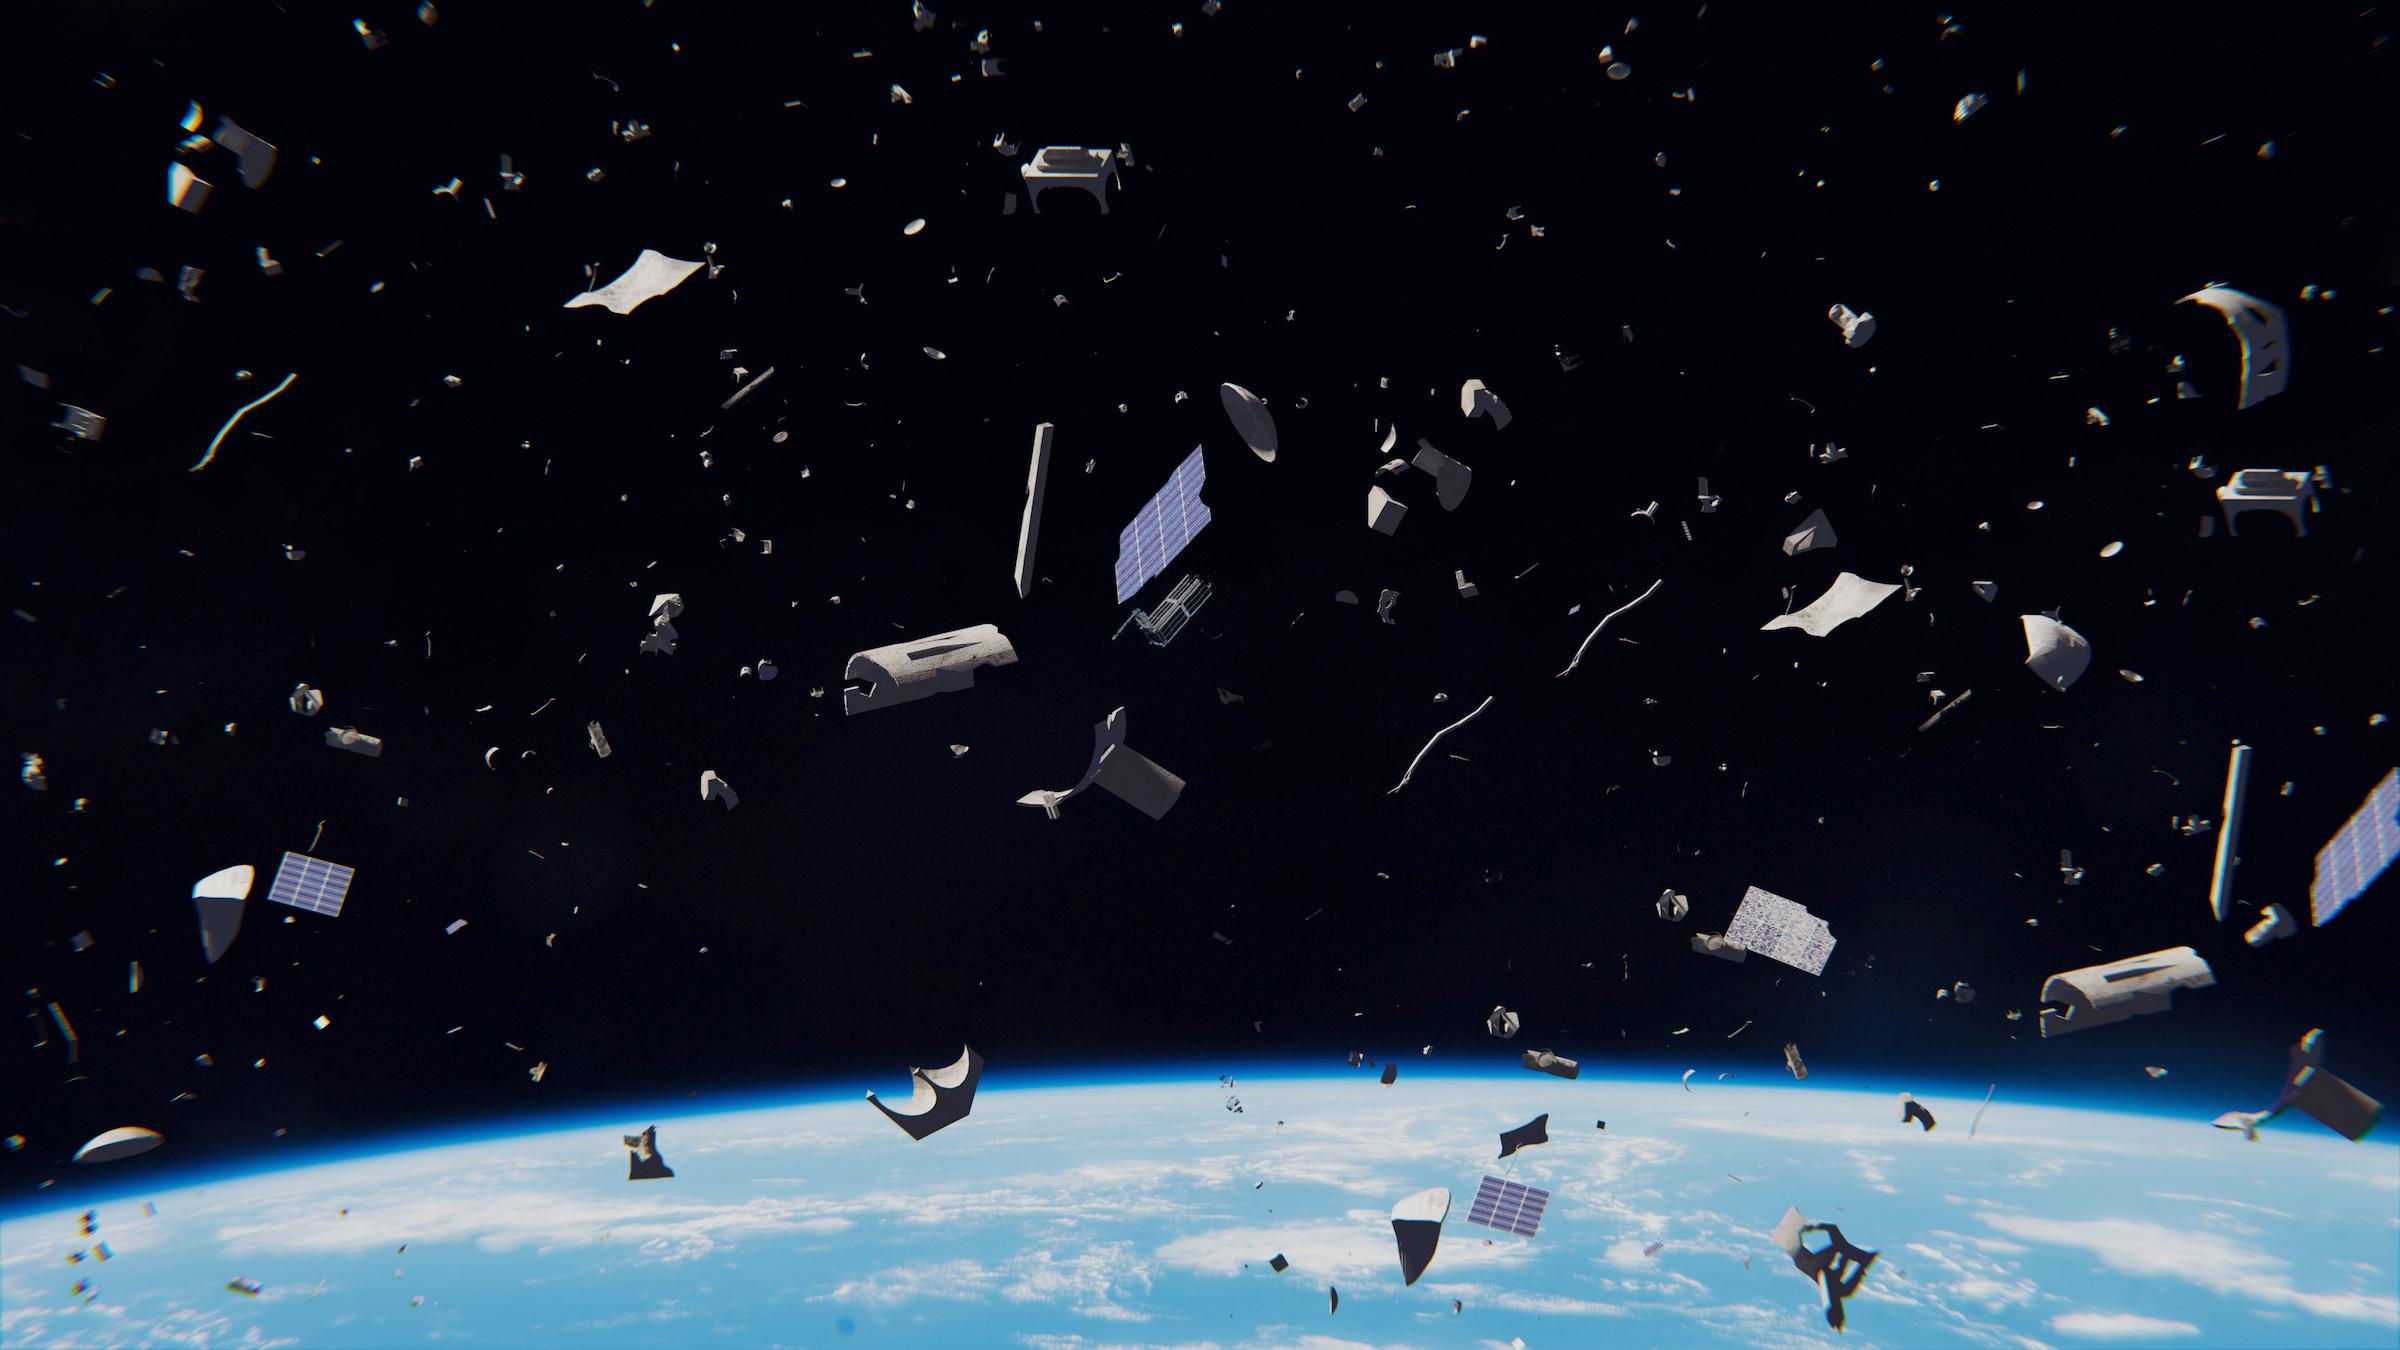 Sự thật về những mảnh rác không gian siêu nhỏ tiềm tàng nguy hiểm khôn lường